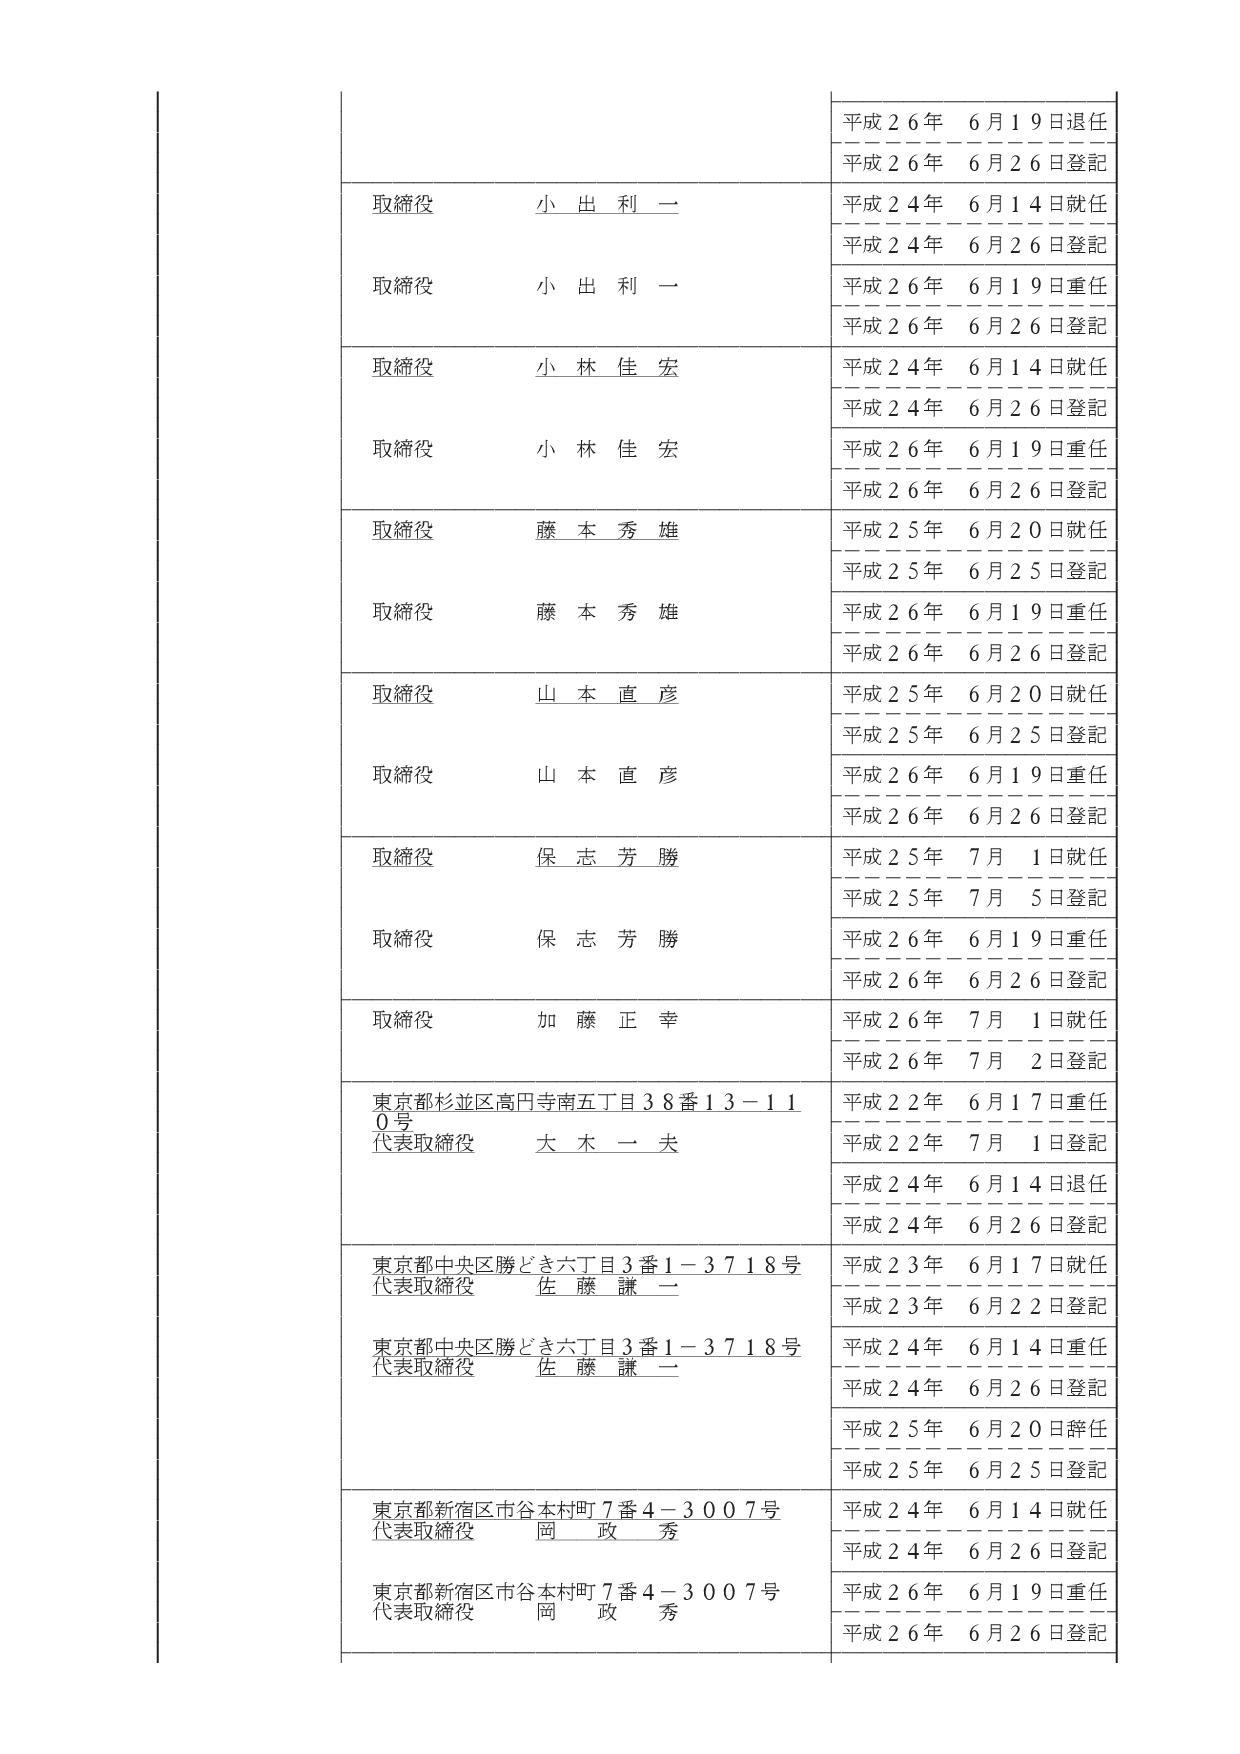 株式会社エヌ・ティ・ティエムイー法人登記簿(全部事項)2015052194873409-003